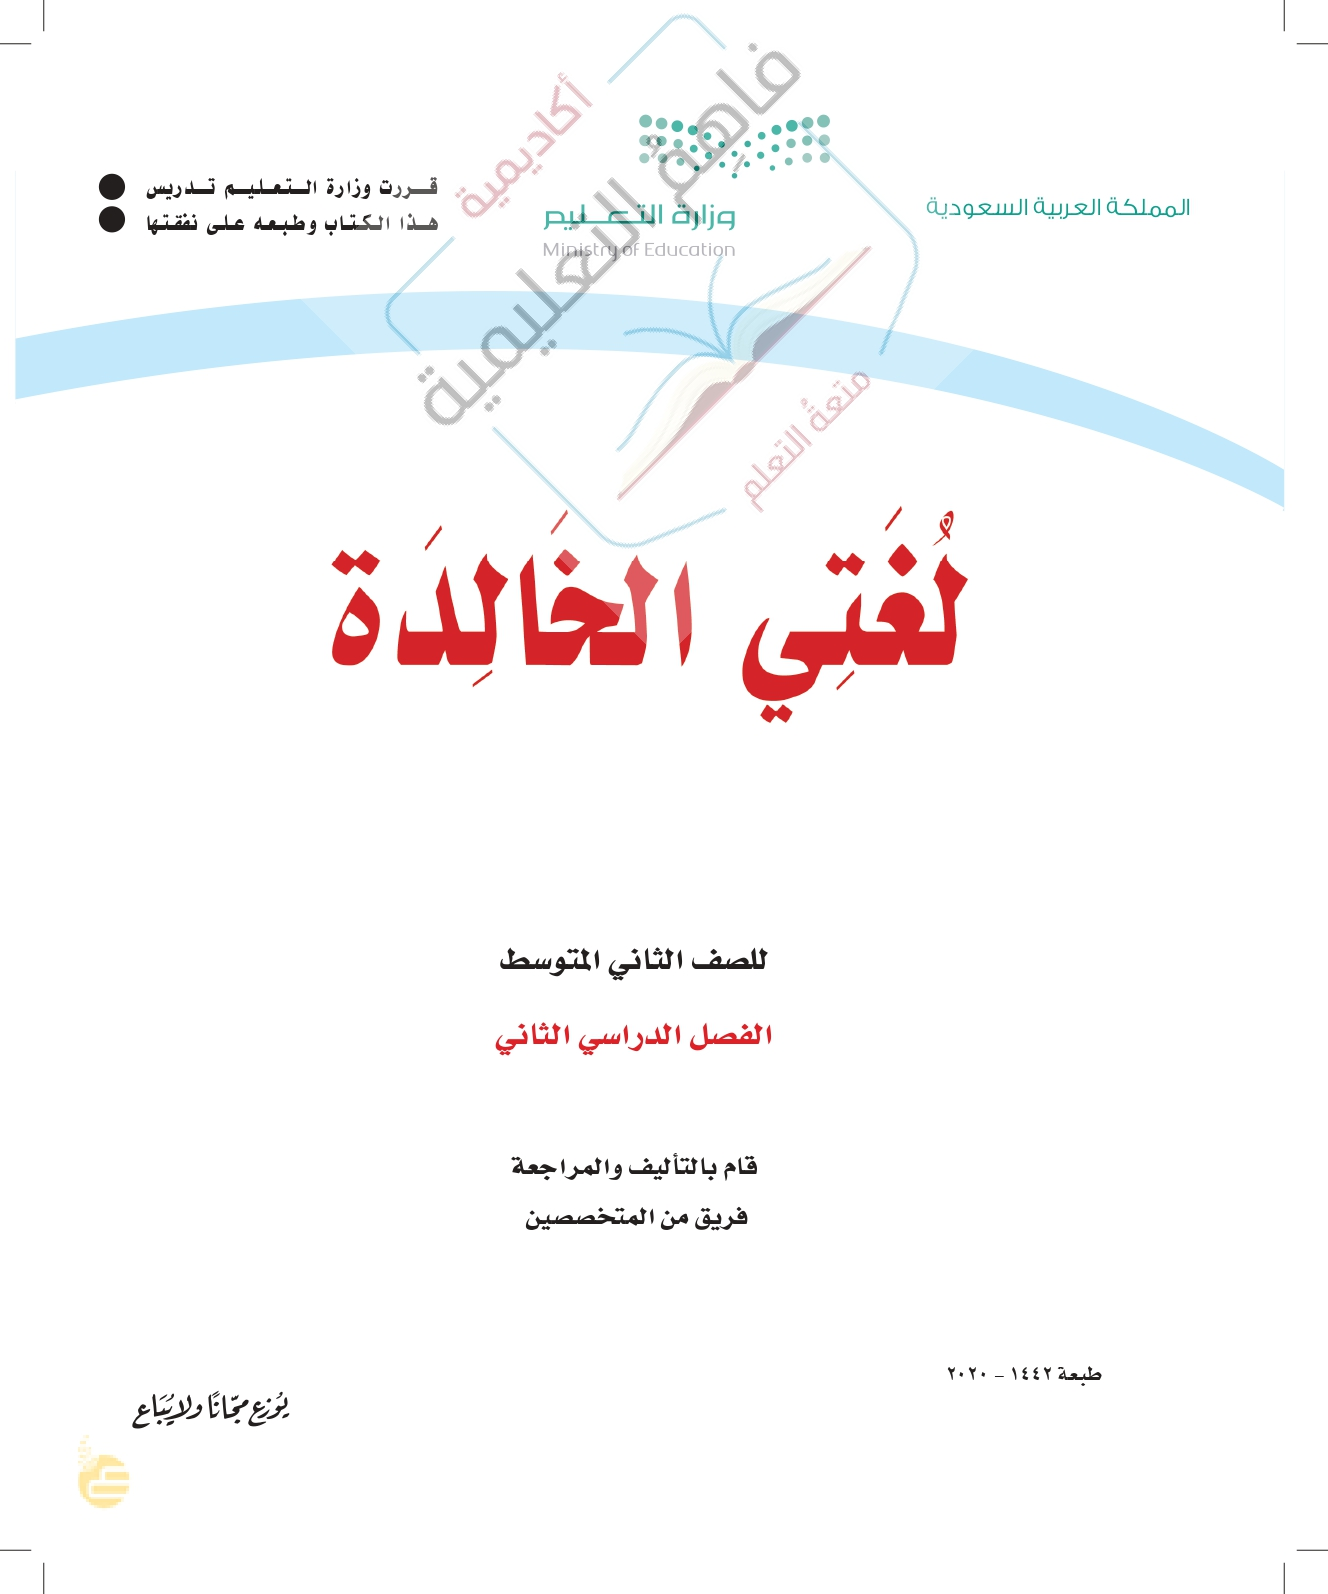 حل لغتي ثاني متوسط – الوحدة (4) -حب الوطن – صفحة 14-96